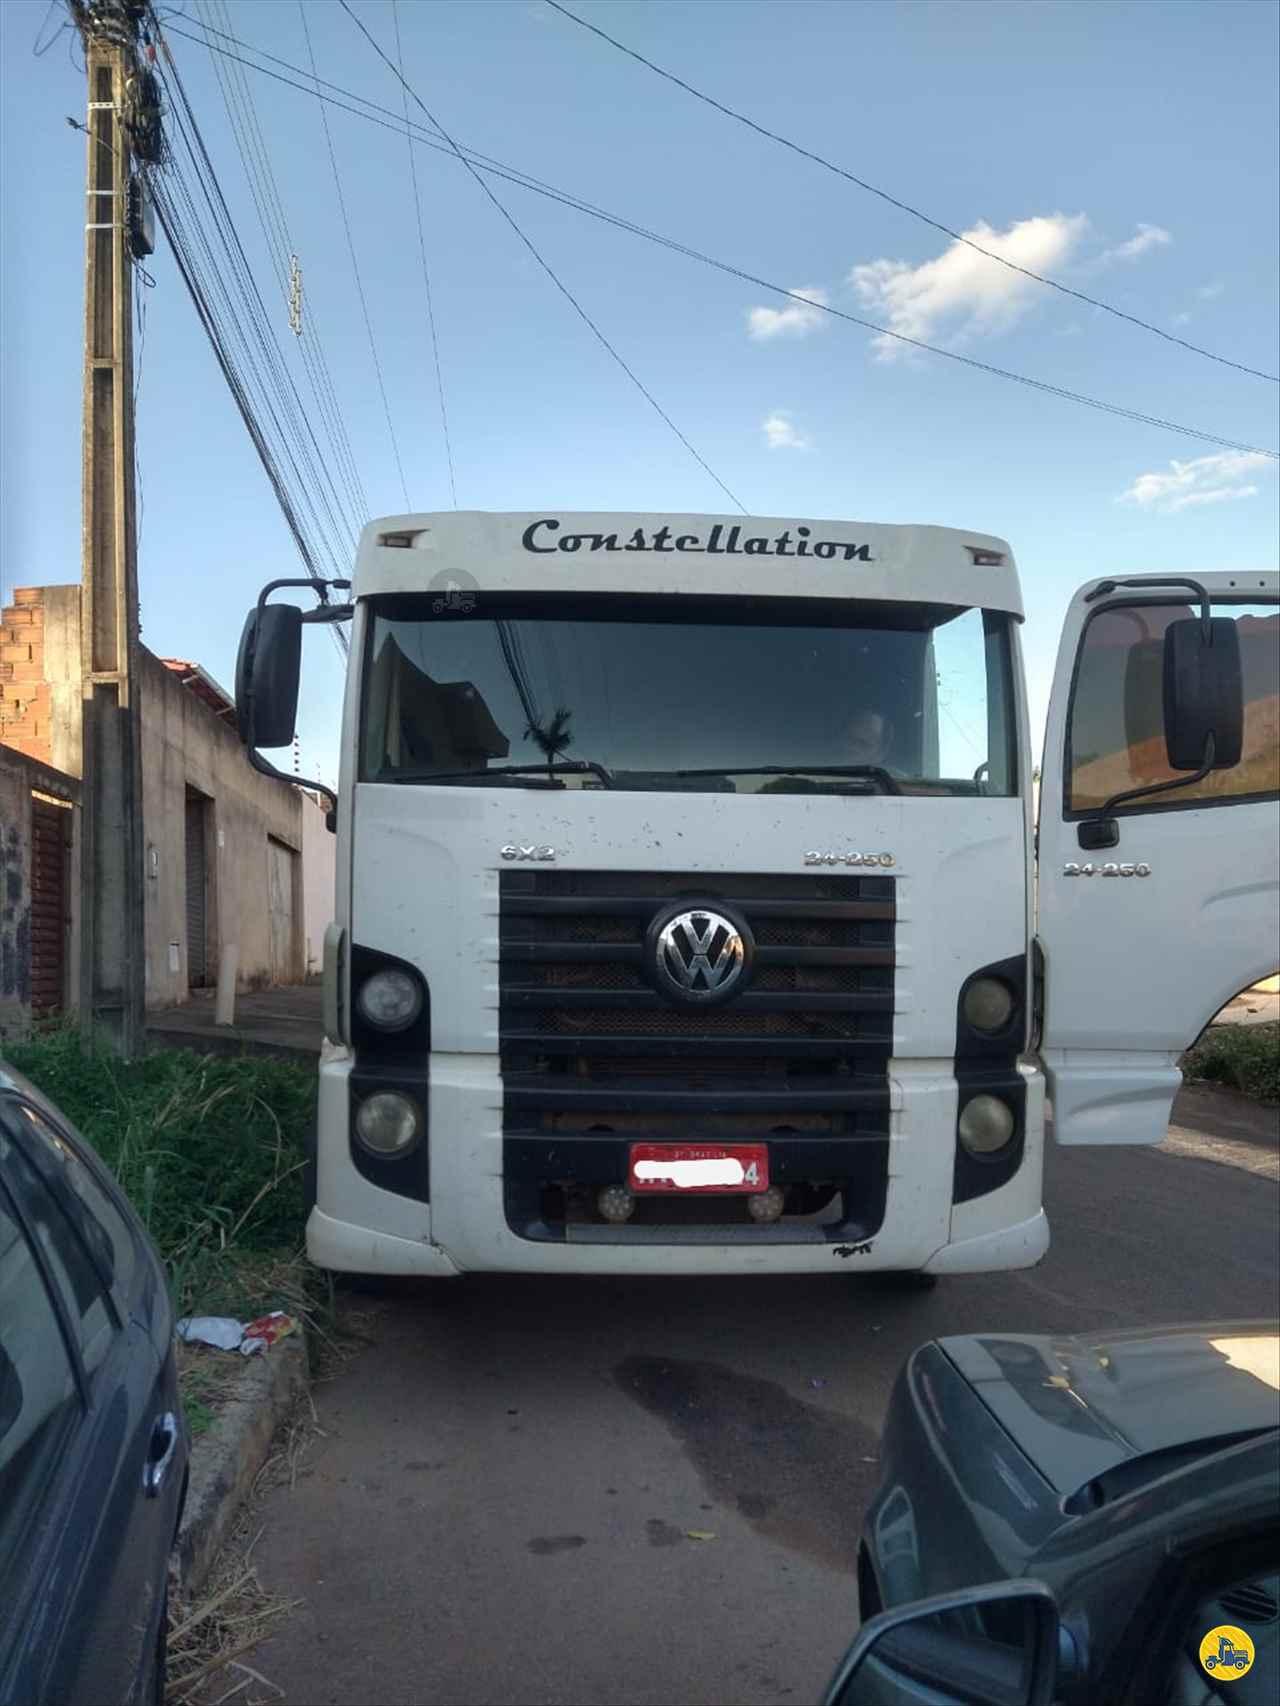 CAMINHAO VOLKSWAGEN VW 24250 Carga Seca Truck 6x2 Diogo Caminhões ANAPOLIS GOIAS GO